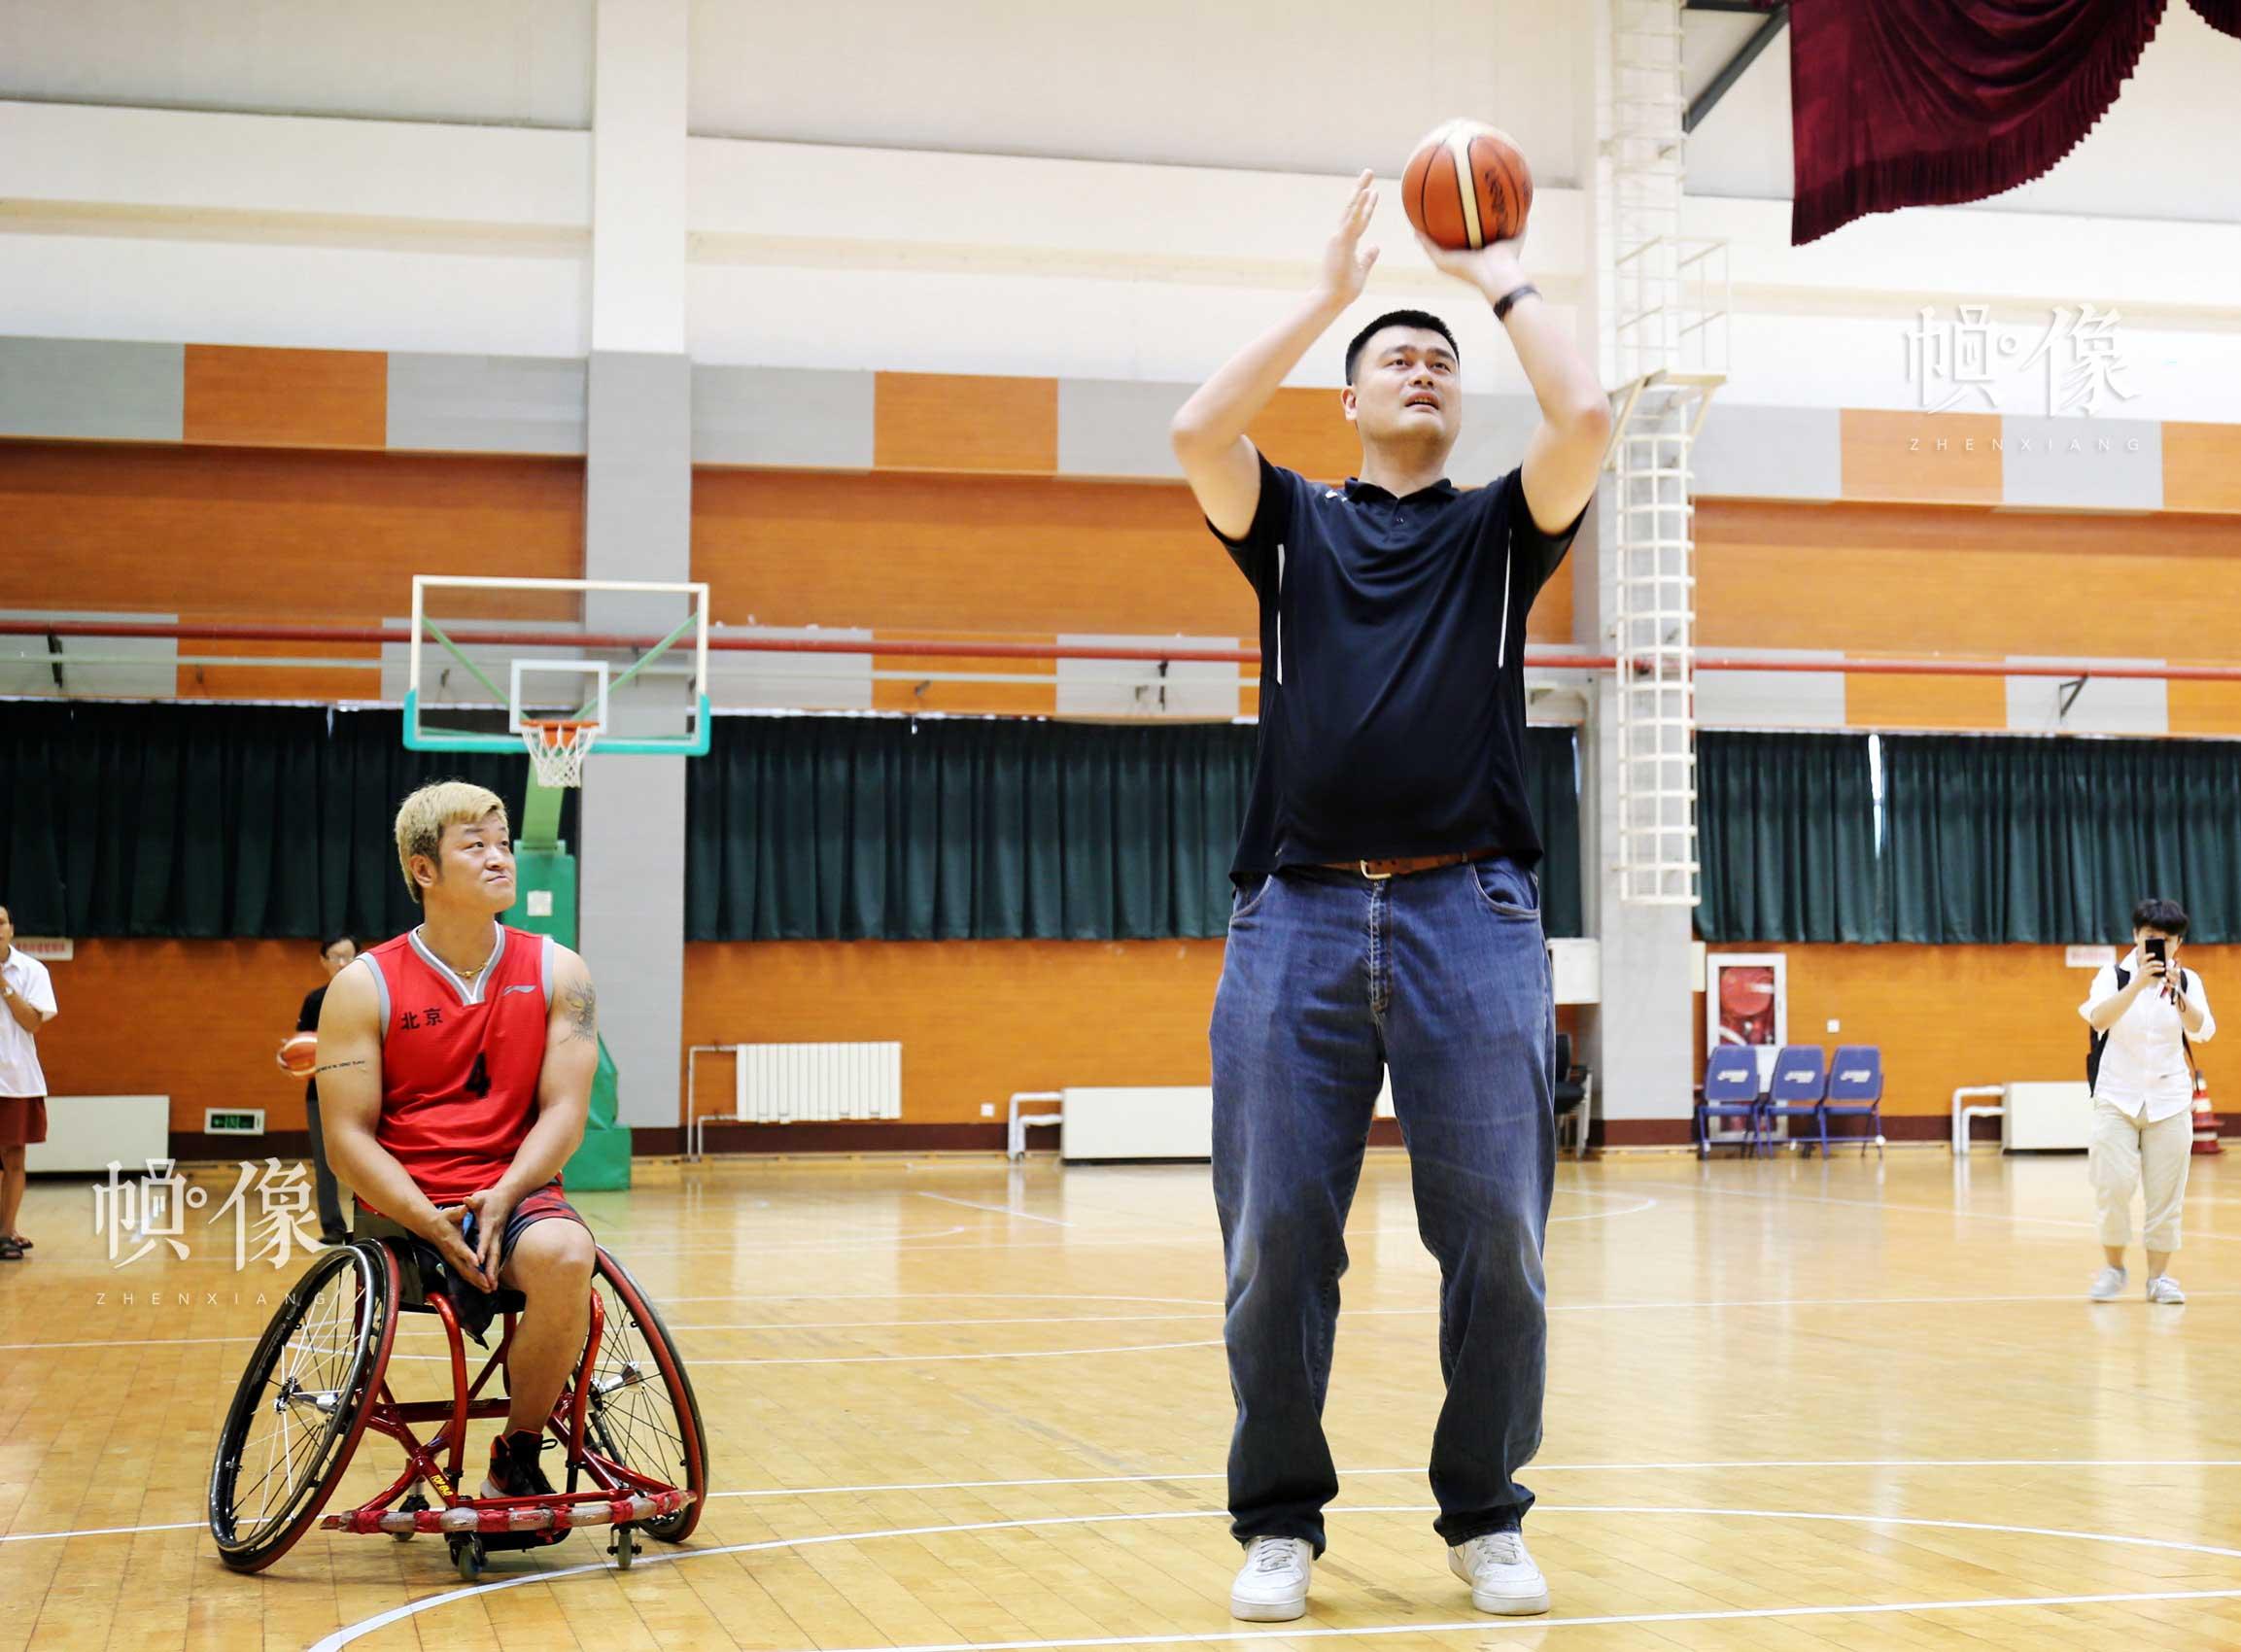 2017年8月10日,第七届残疾人健身周推广日活动在京举行。图为姚明和轮篮运动员进行定点投篮比赛互动。中国网记者 王梦泽 摄